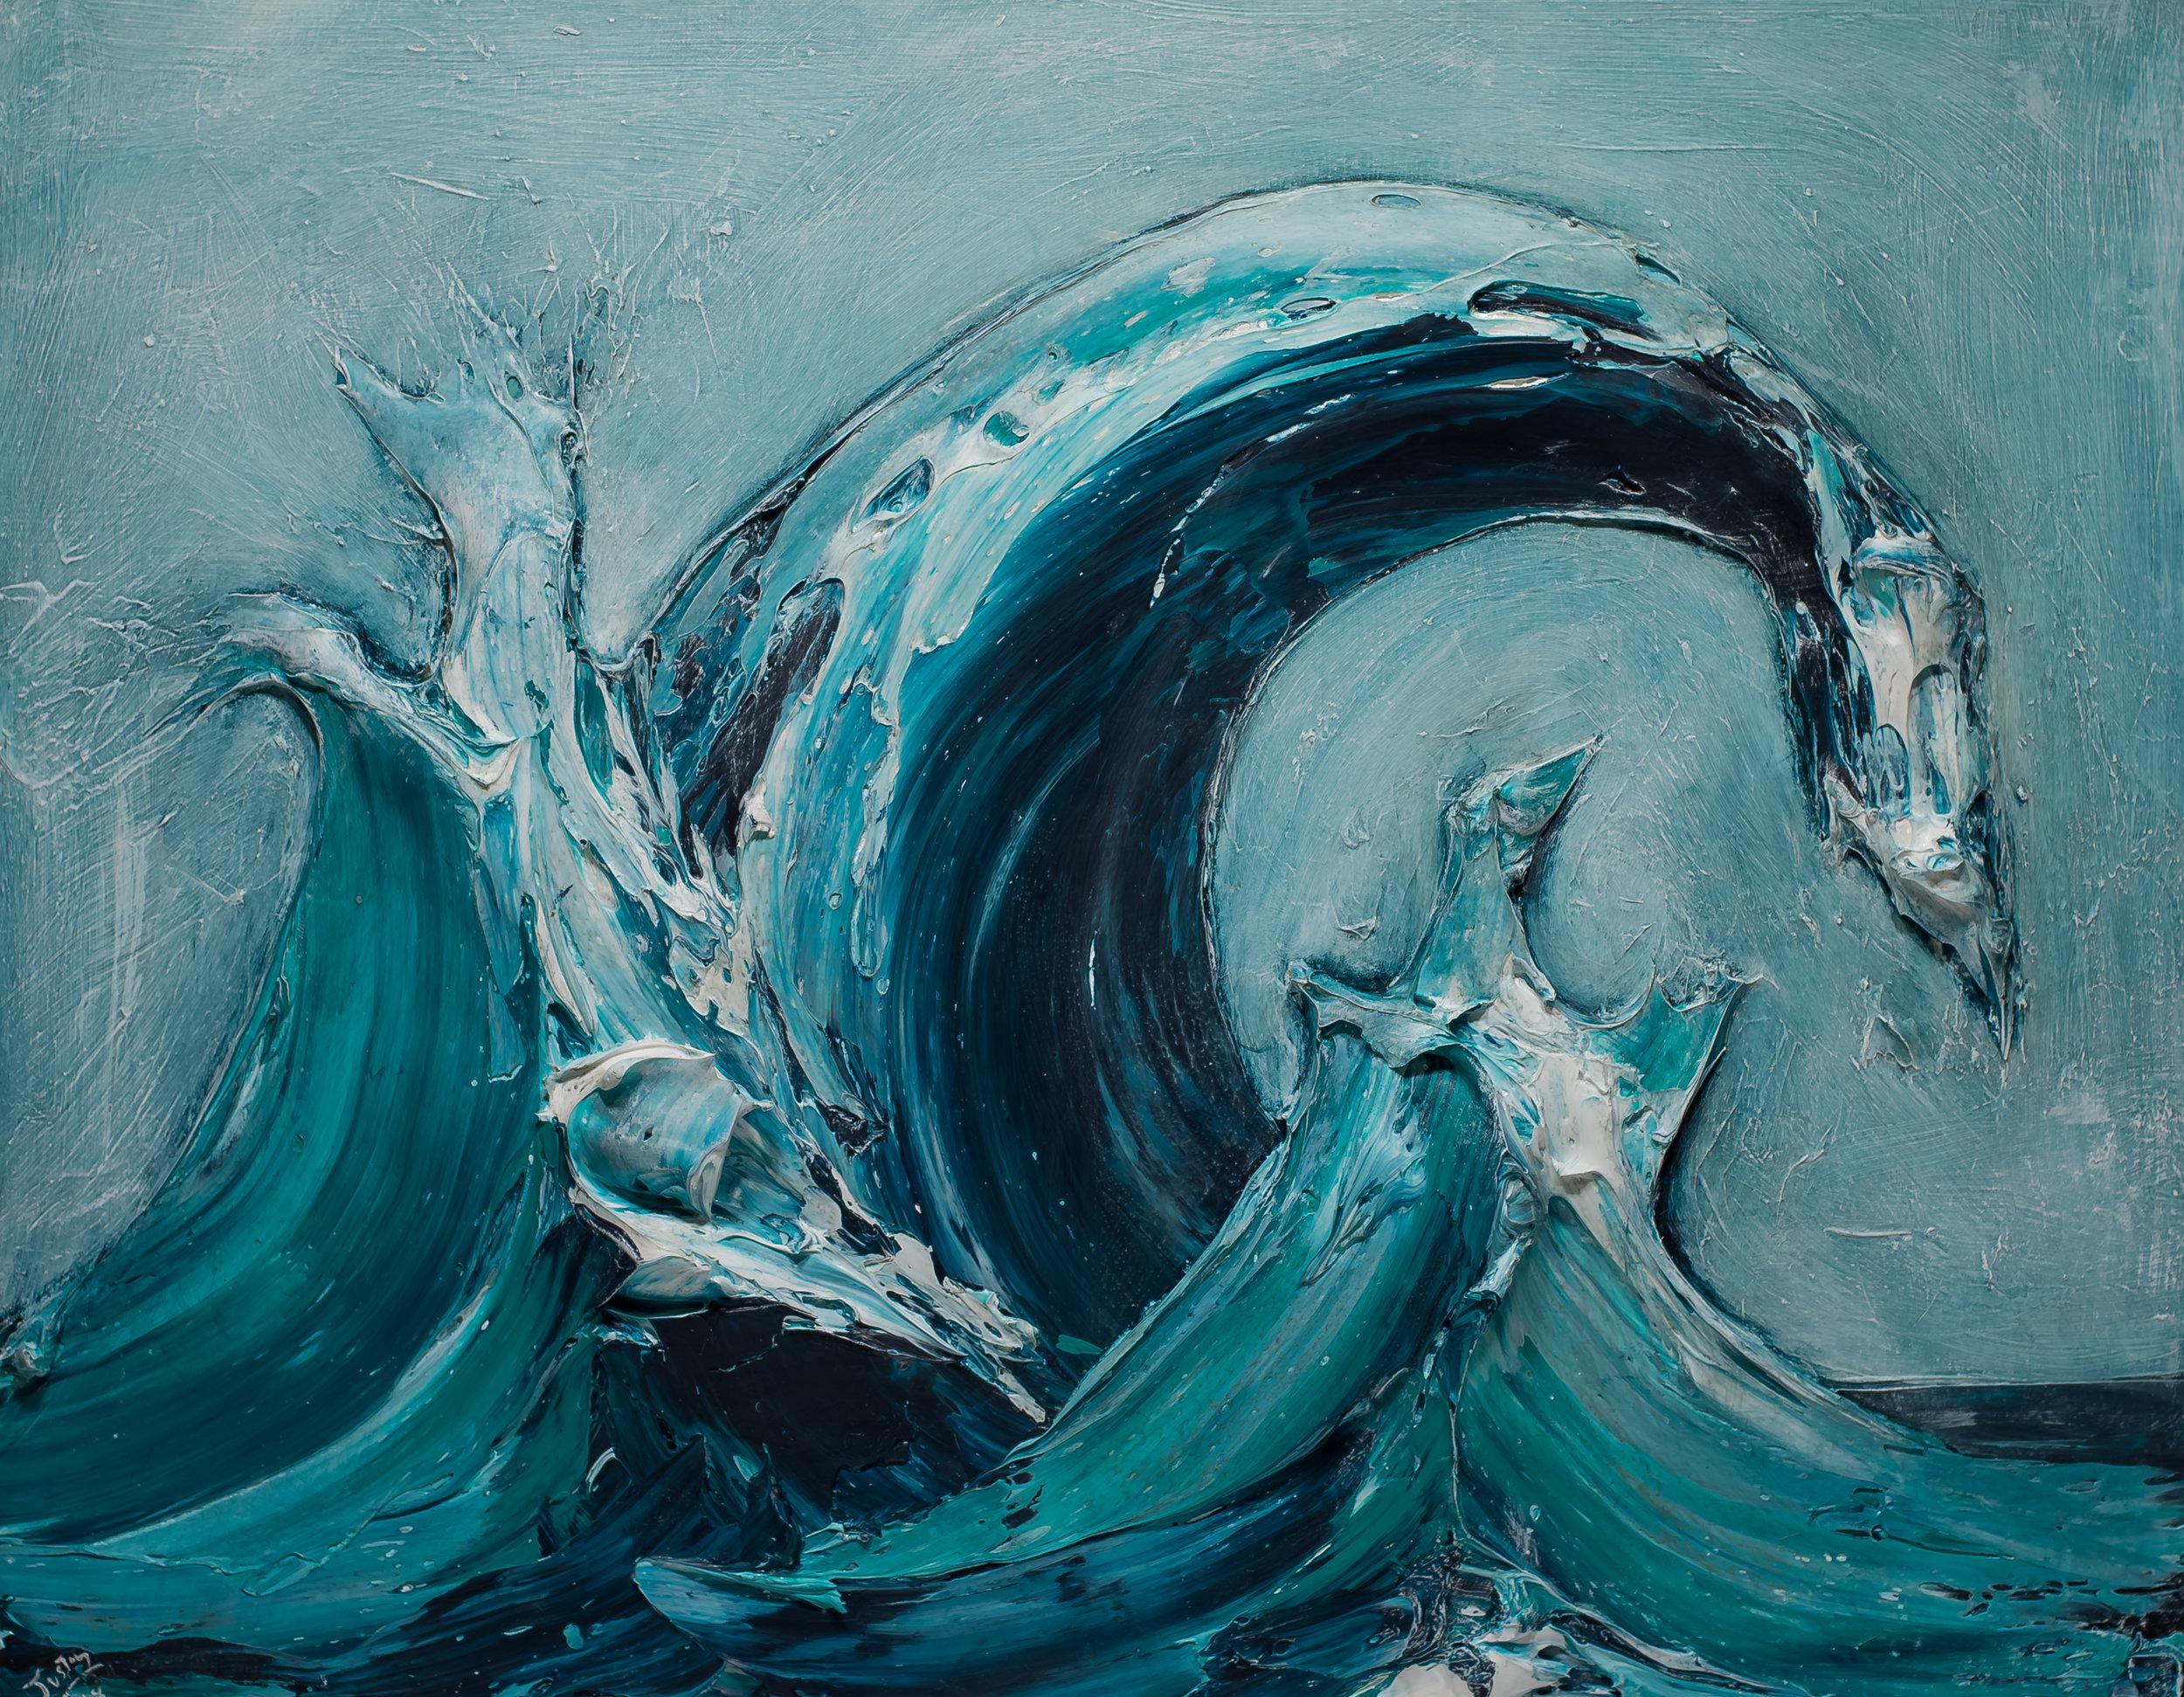 WAVE SERIES 17